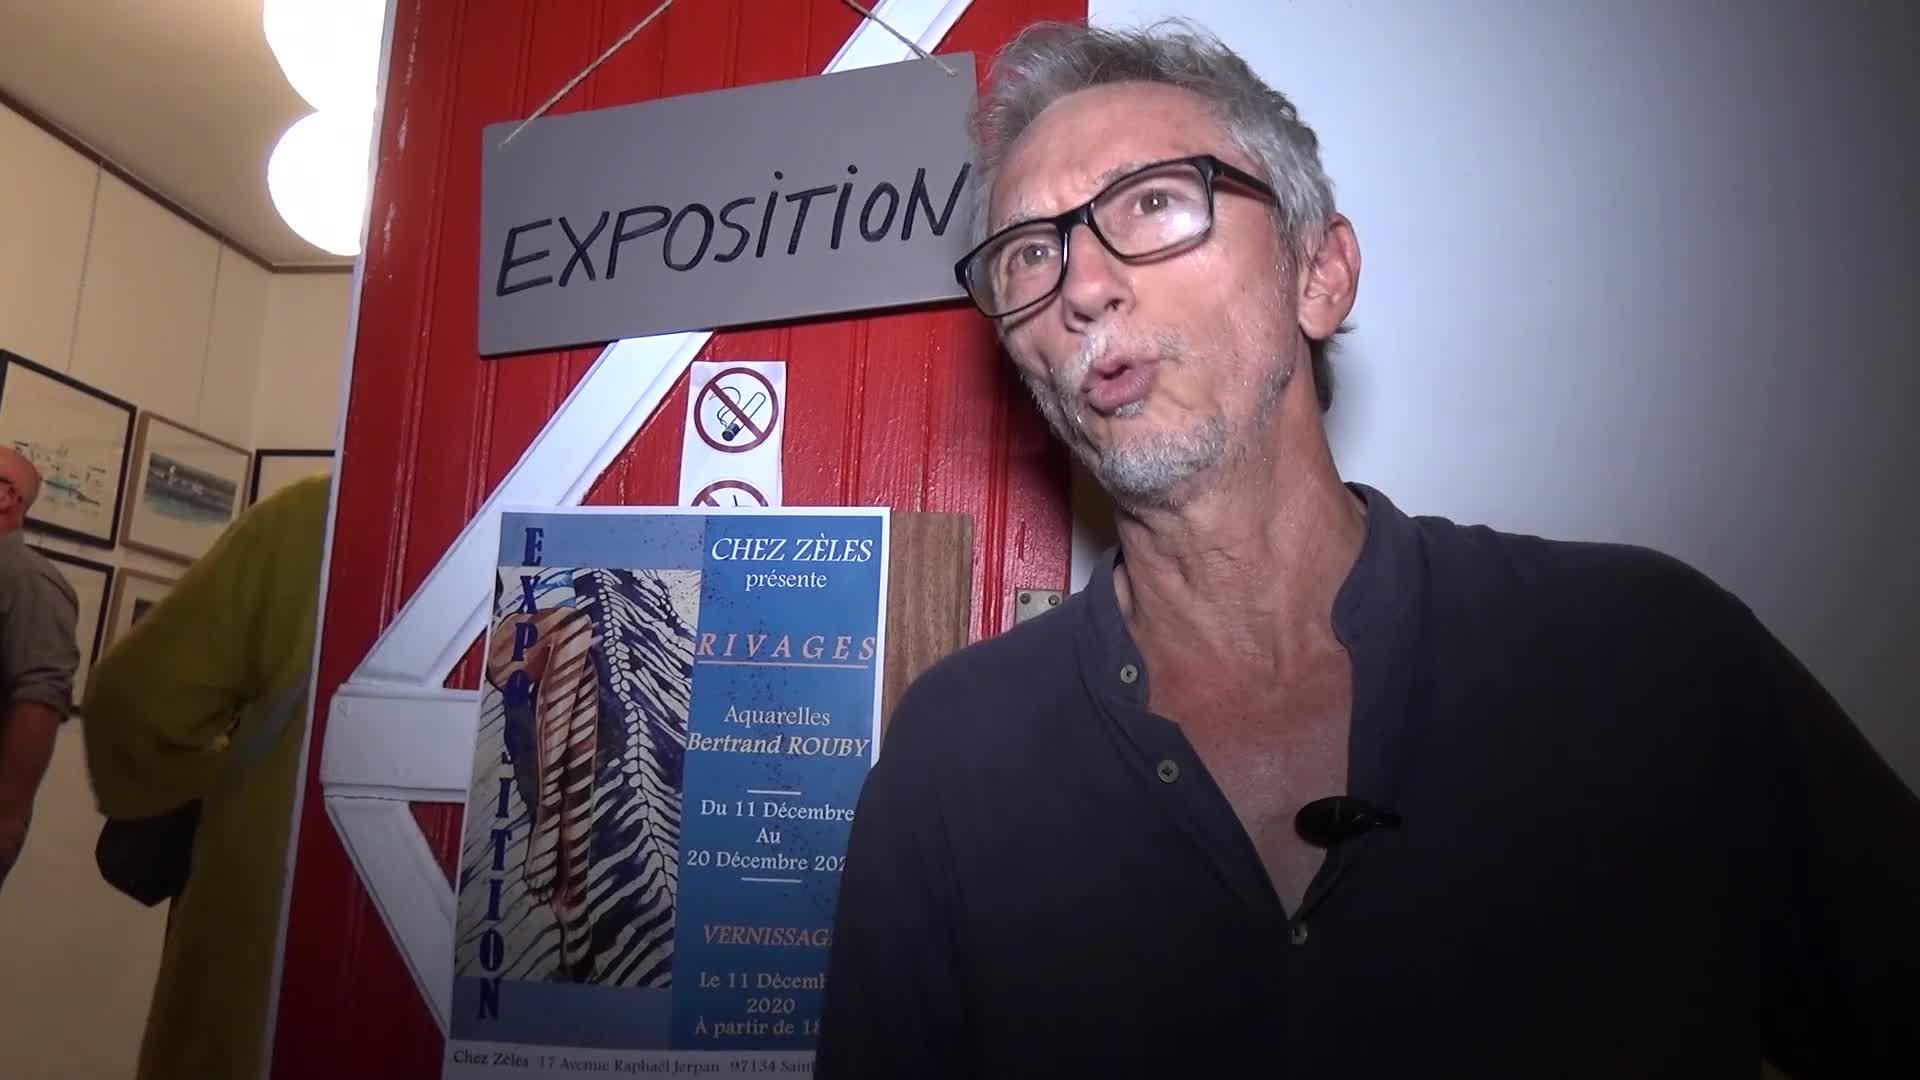 Bertrand ROUBY artiste peintre s'expose à St Louis en Décembre 2020